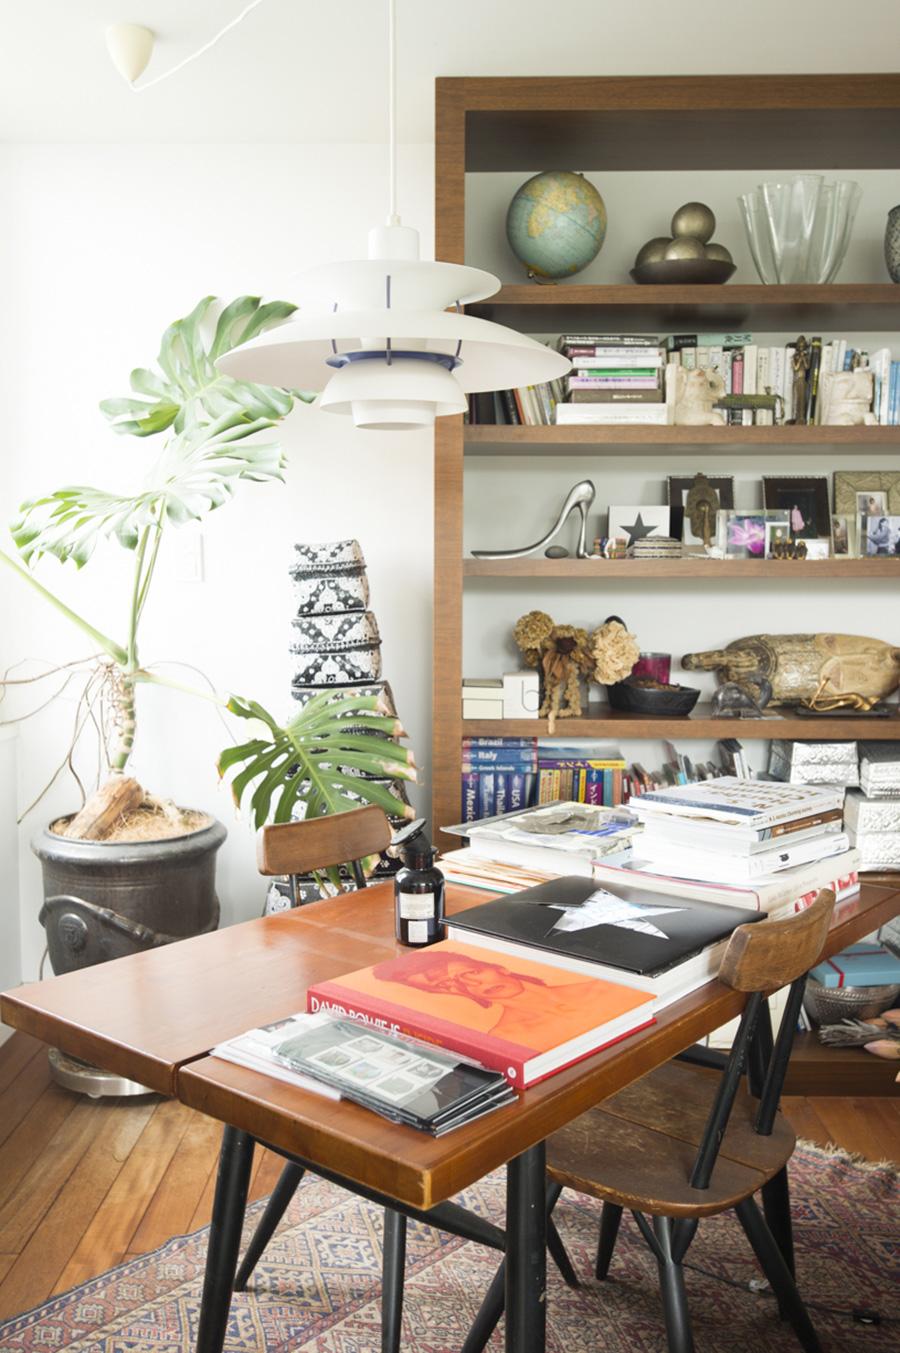 イルマリ・タピオヴァラのヴィンテージのテーブル&チェアが置かれた一角は、書斎のようなコーナー。